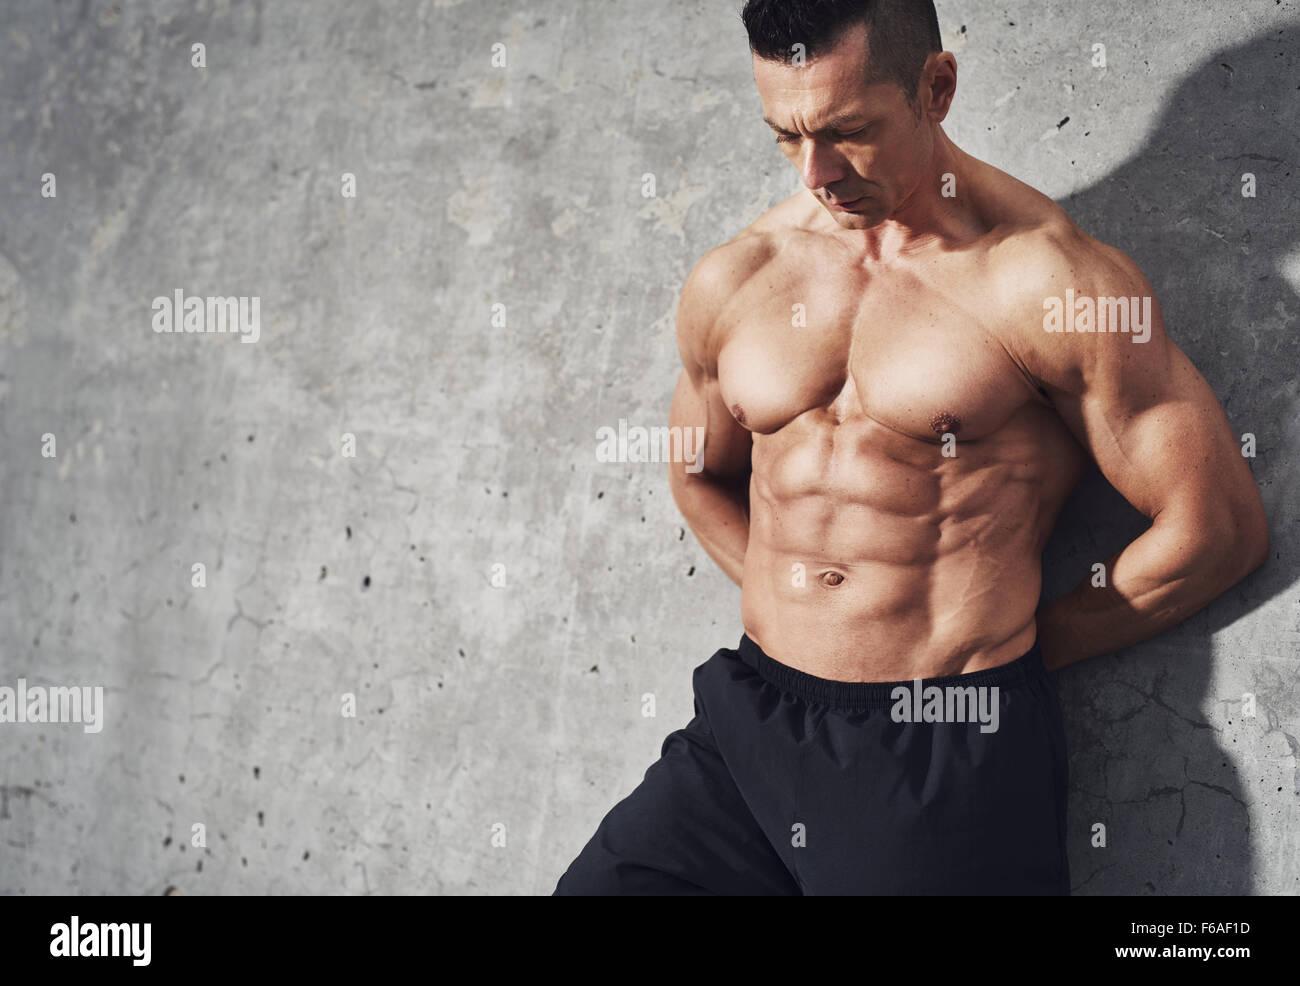 Cerrar imagen de macho en shorts relajante después de entrenar sobre fondo gris. Musculoso cuerpo masculino Imagen De Stock